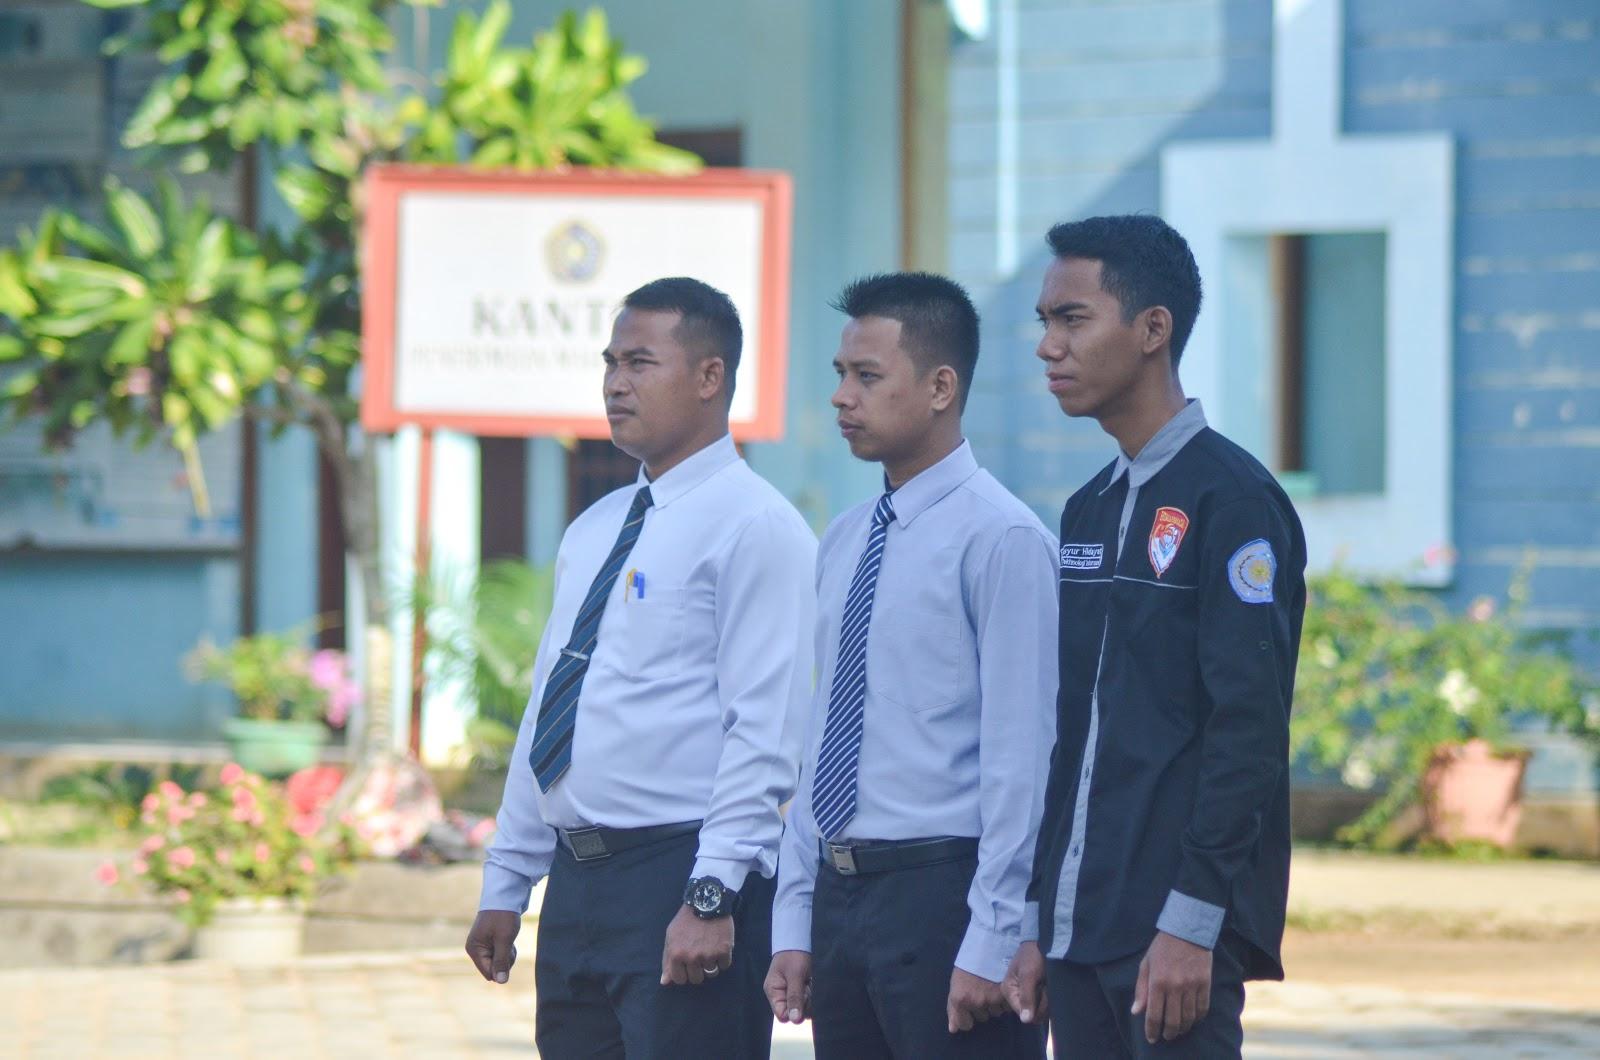 Petugas Upacara Unimuda Dari Pgsd Um Purwokerto Himapersada Umpurwokerto Bagikan Di